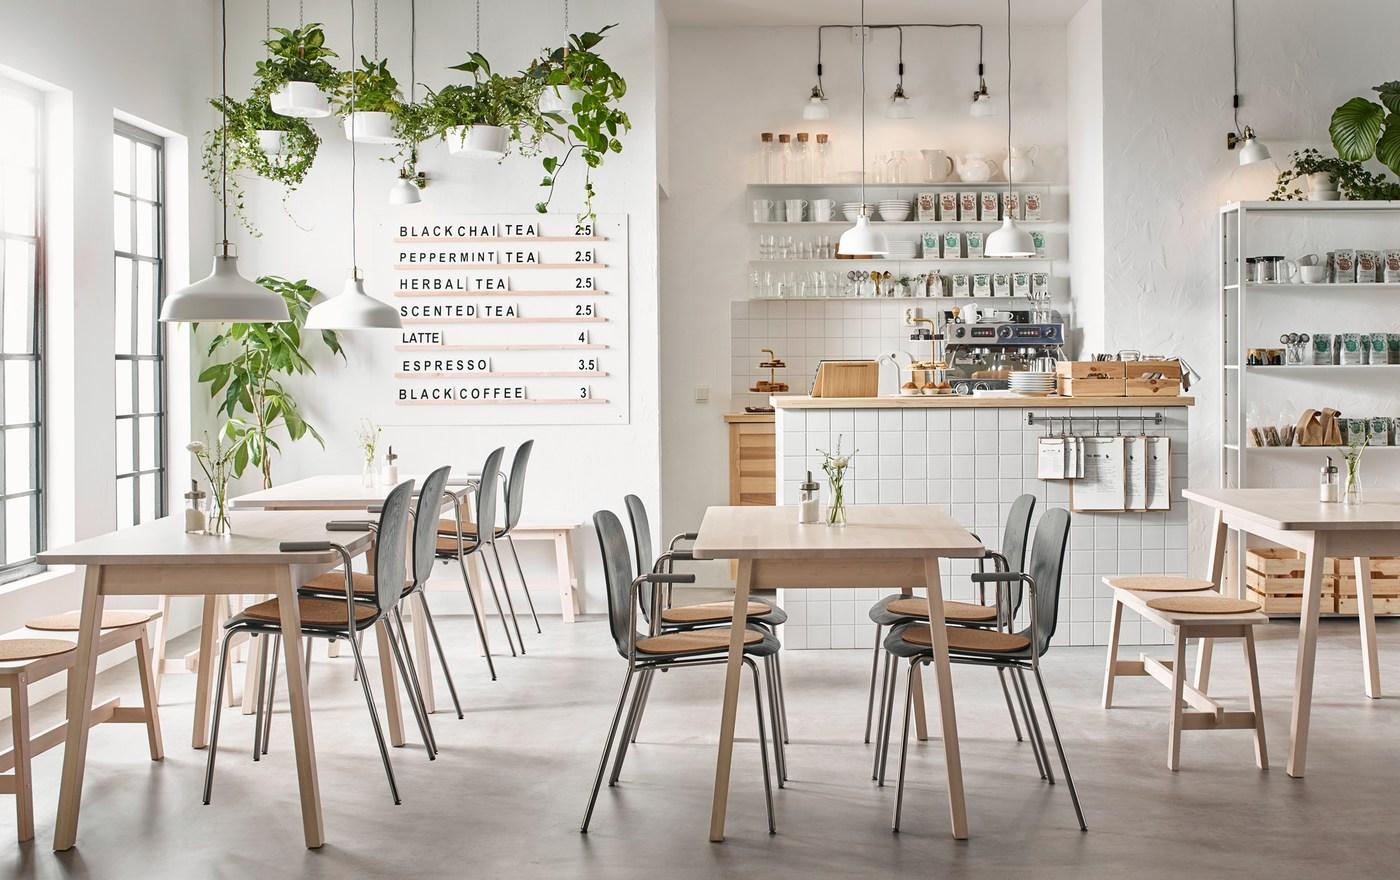 مقهى بالألوان البيج، والأسود والأبيض مع طاولات NORRÅKER من خشب البتولا الأبيض وكراسي SVENBERTIL باللونين الأسود والكروم.